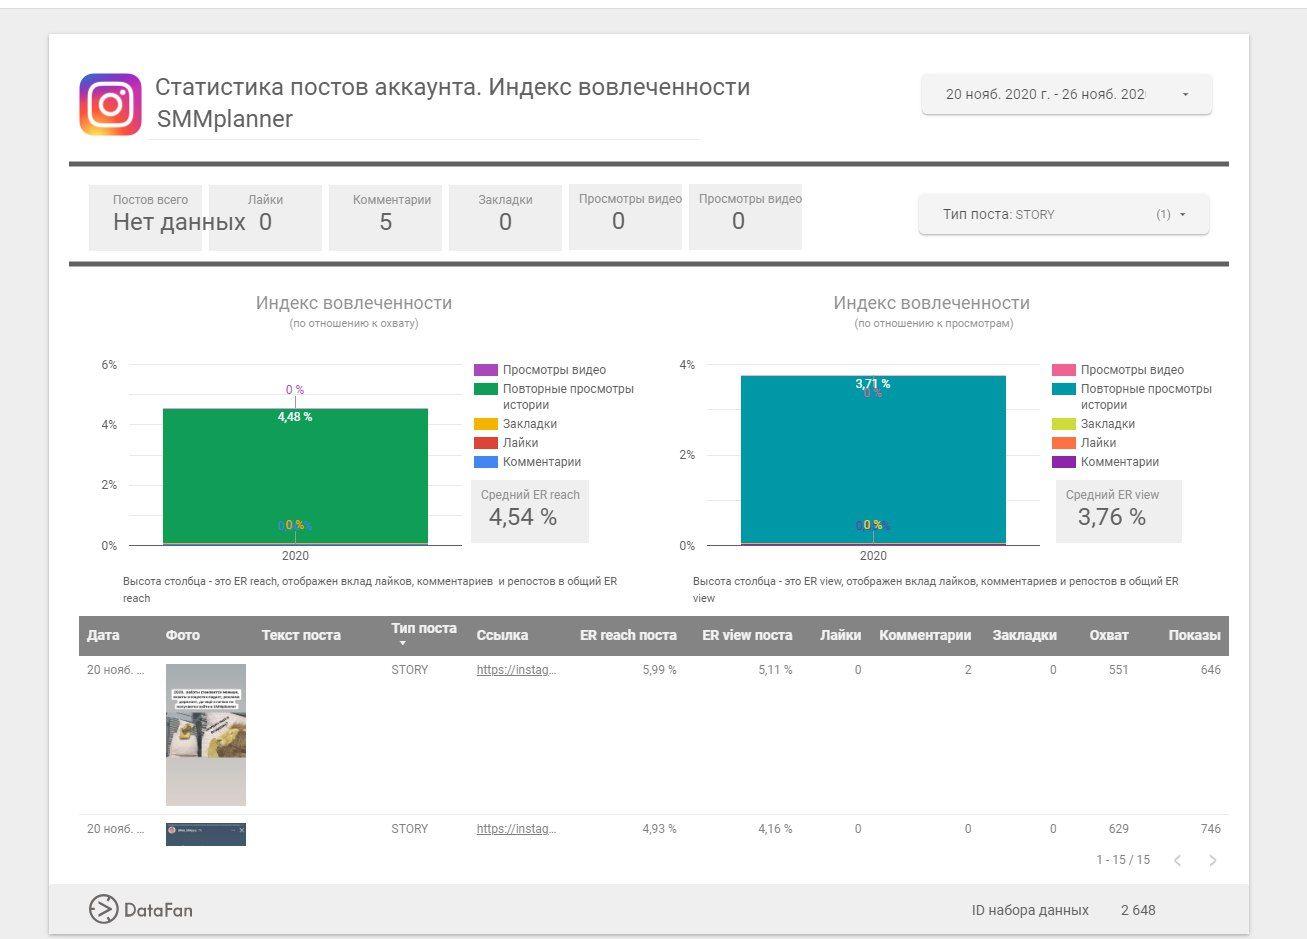 Графики в Datafan позволяют увидеть, какой именно компонент вовлеченности вносит главный вклад в ER